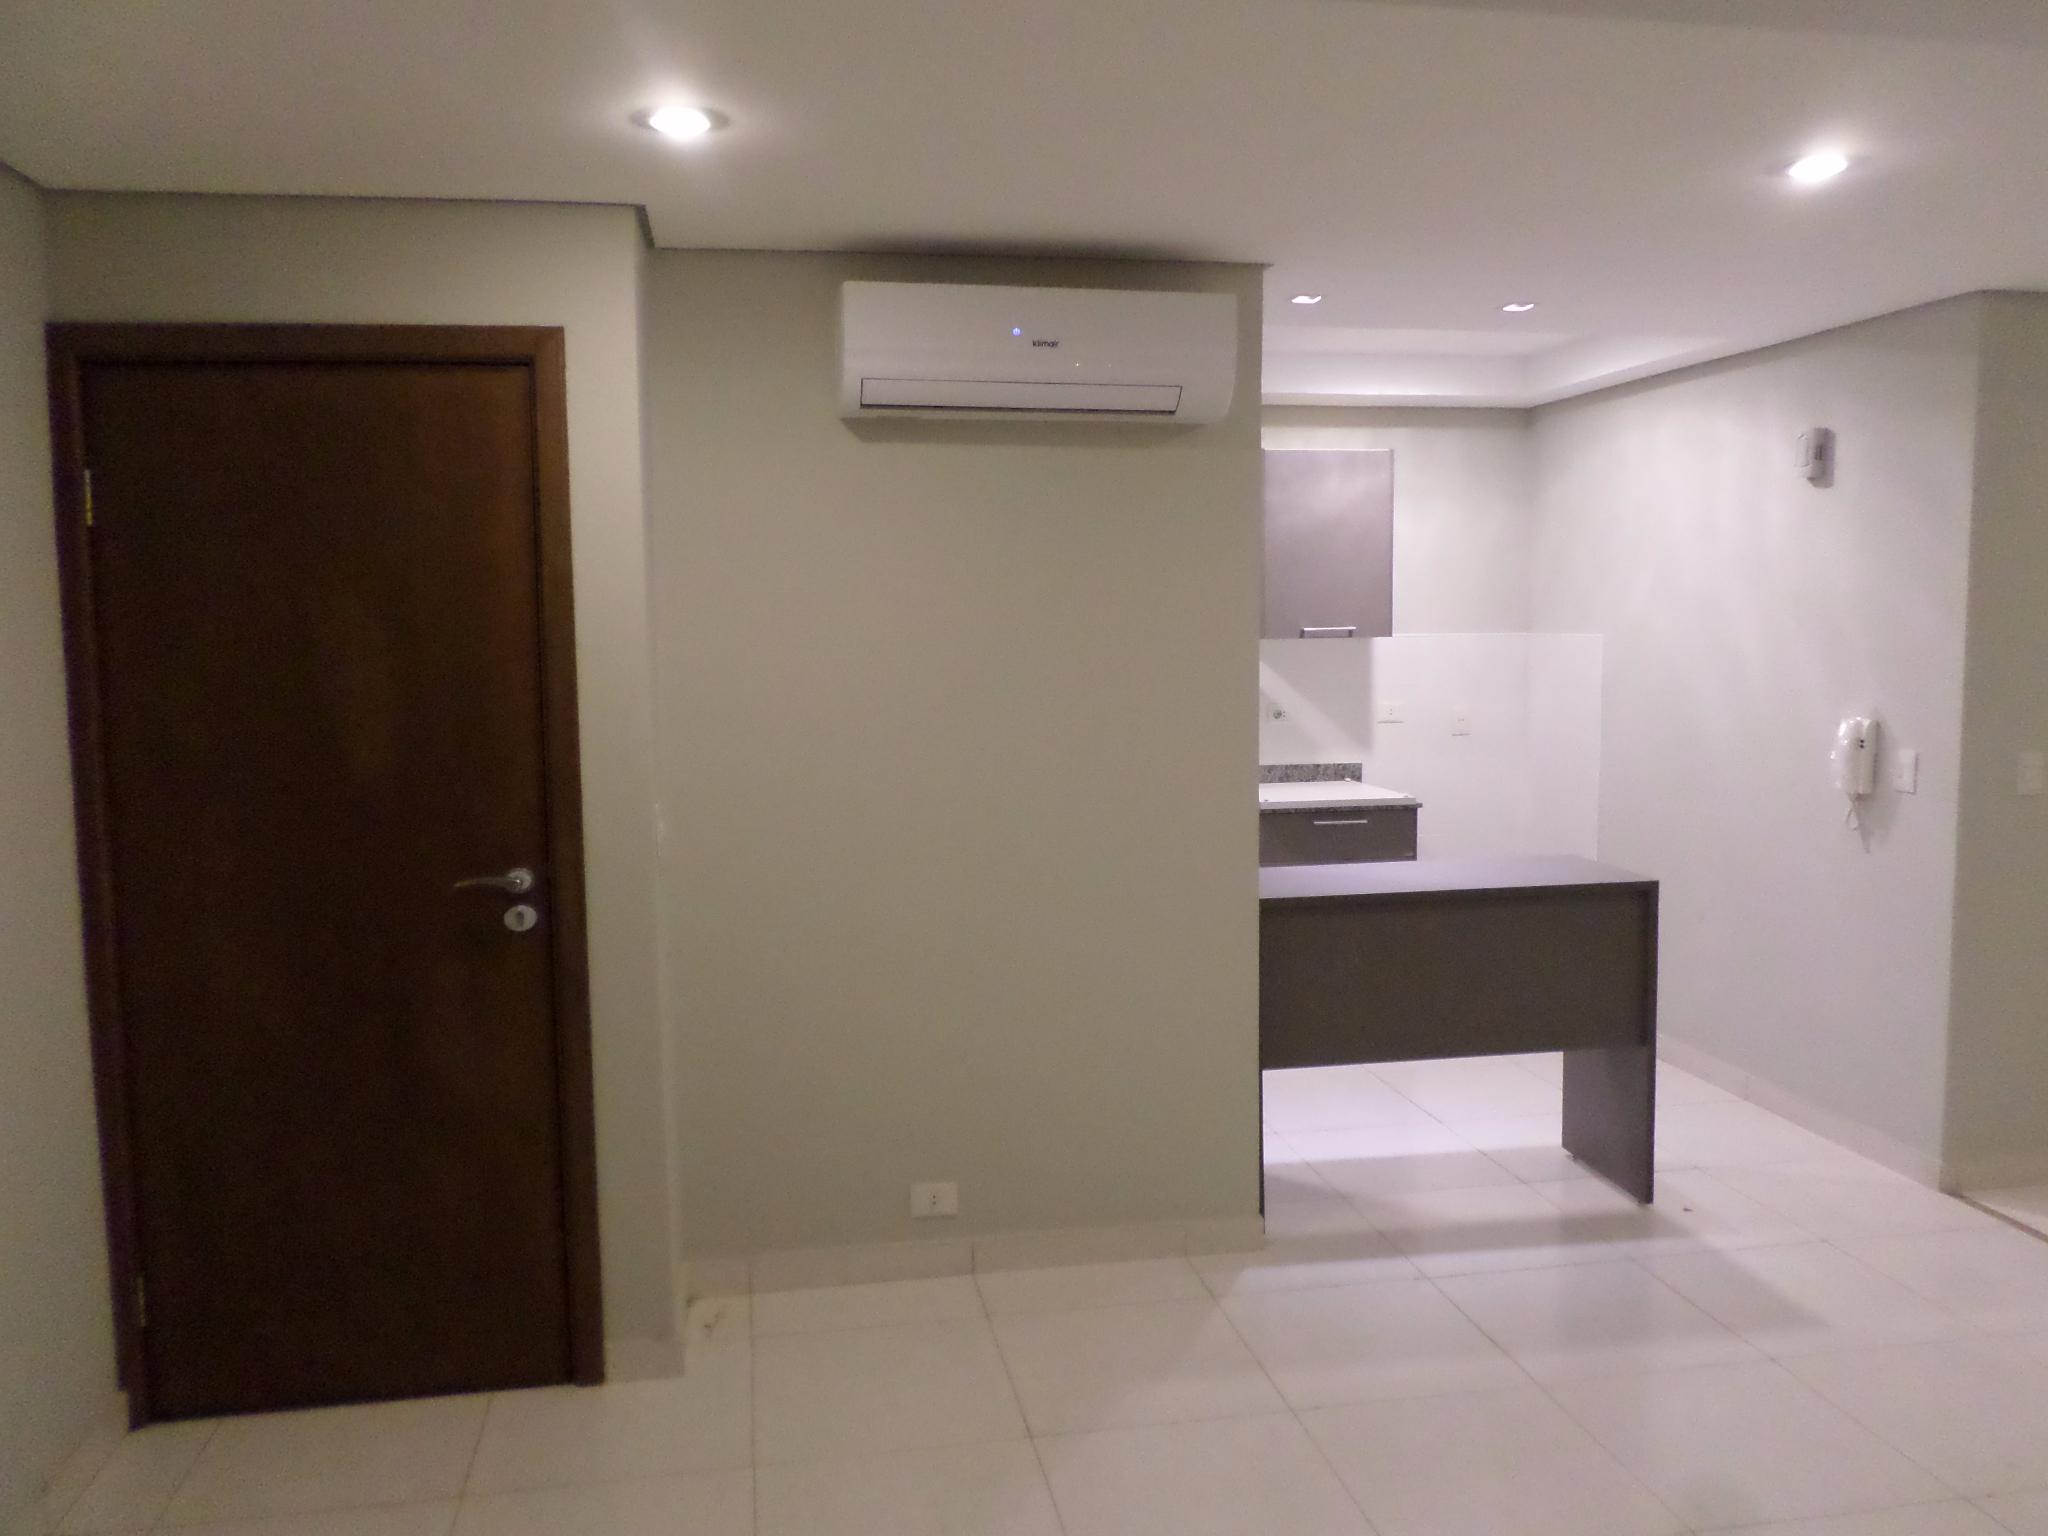 Alquilo Departamento De Dos Dormitorios En Villa Aurelia